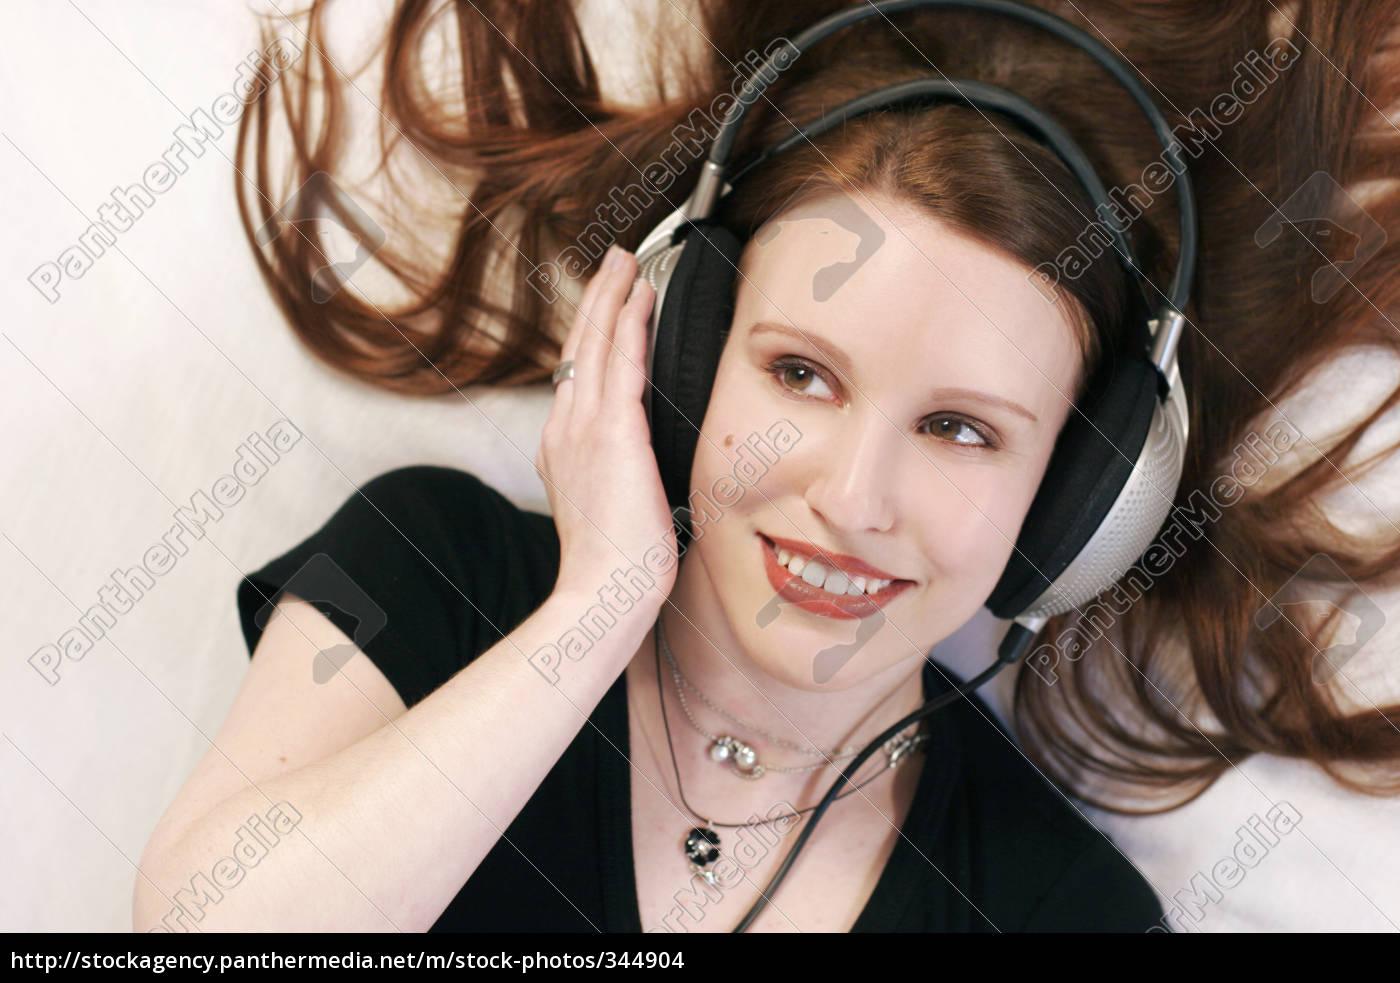 music, in, ear - 344904